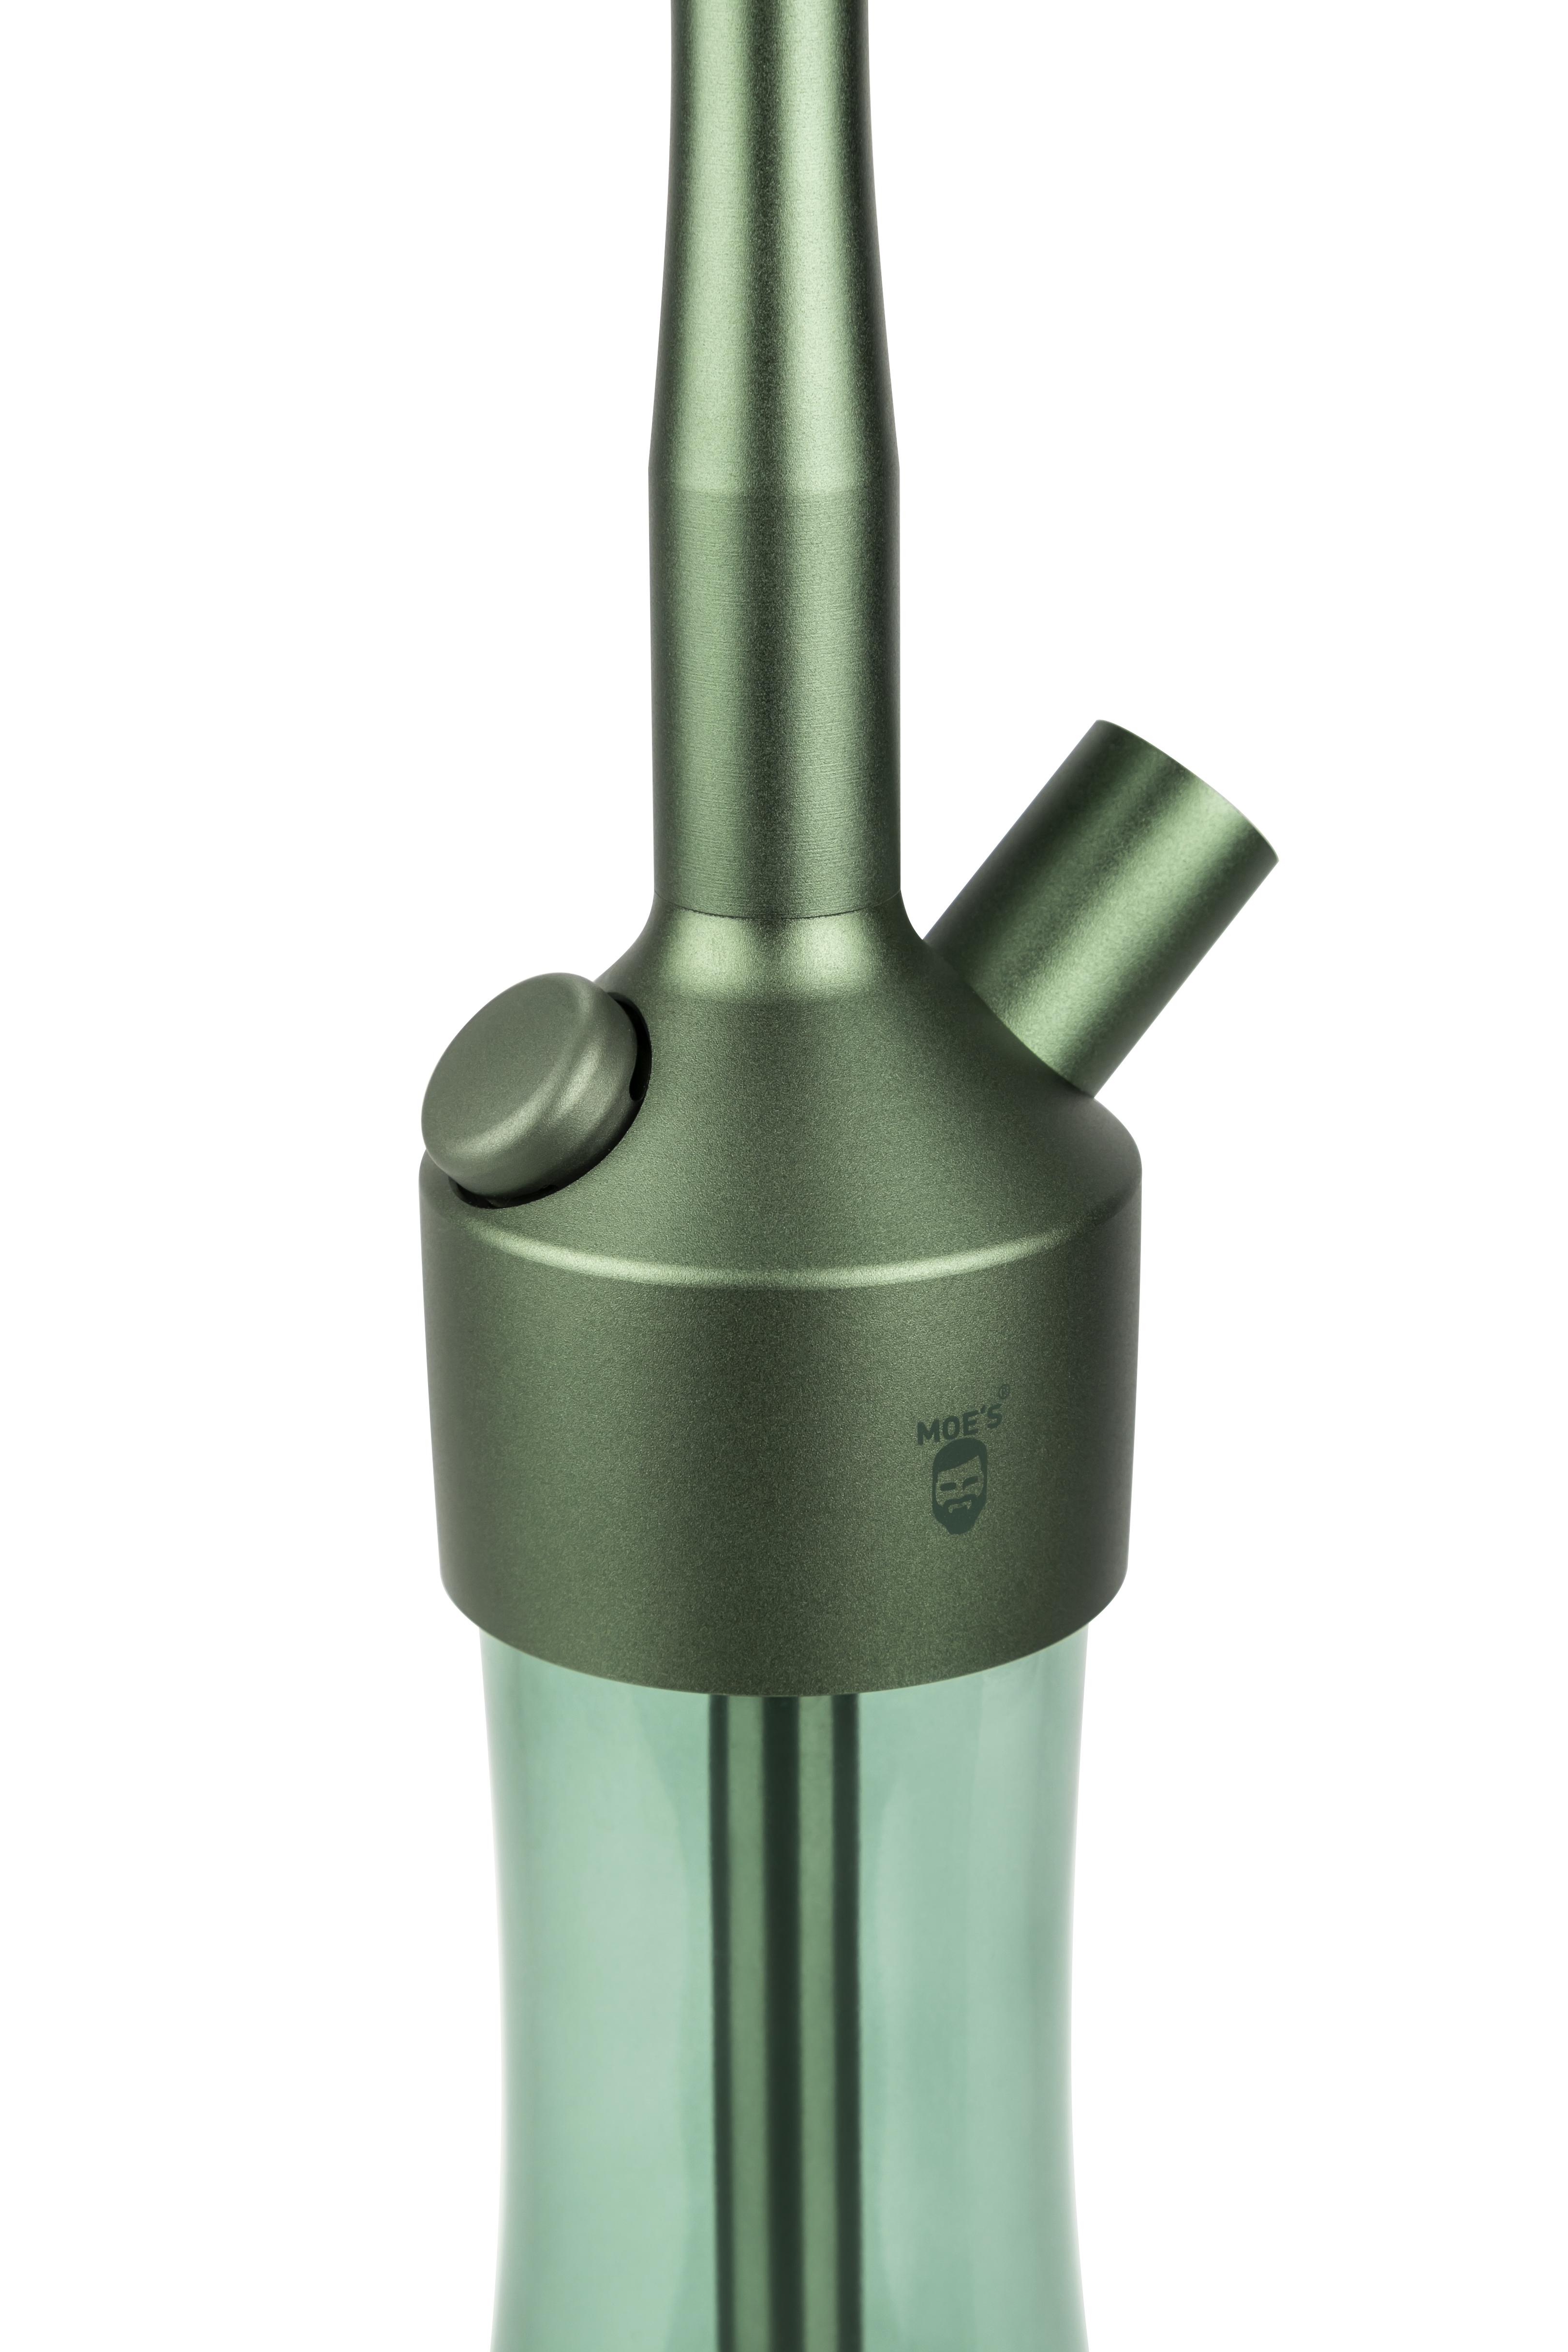 MOE'S WANTED 2U M1 - Aluminium Grün matt -  KOMPLETT SET